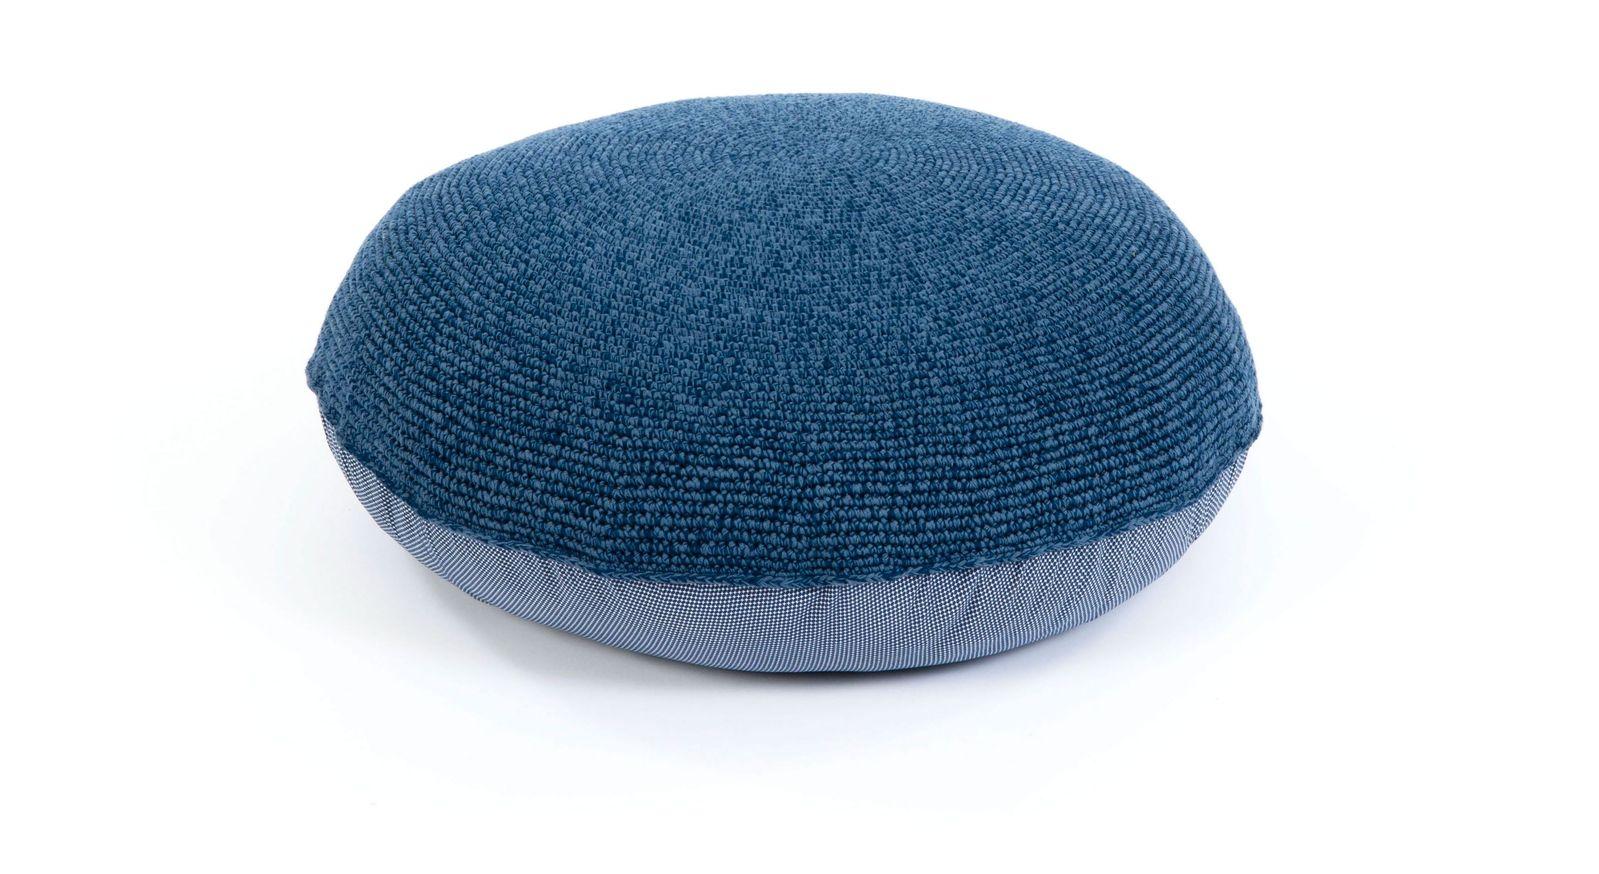 Gehäkeltes LIFETIME Sitzkissen Original in Blau